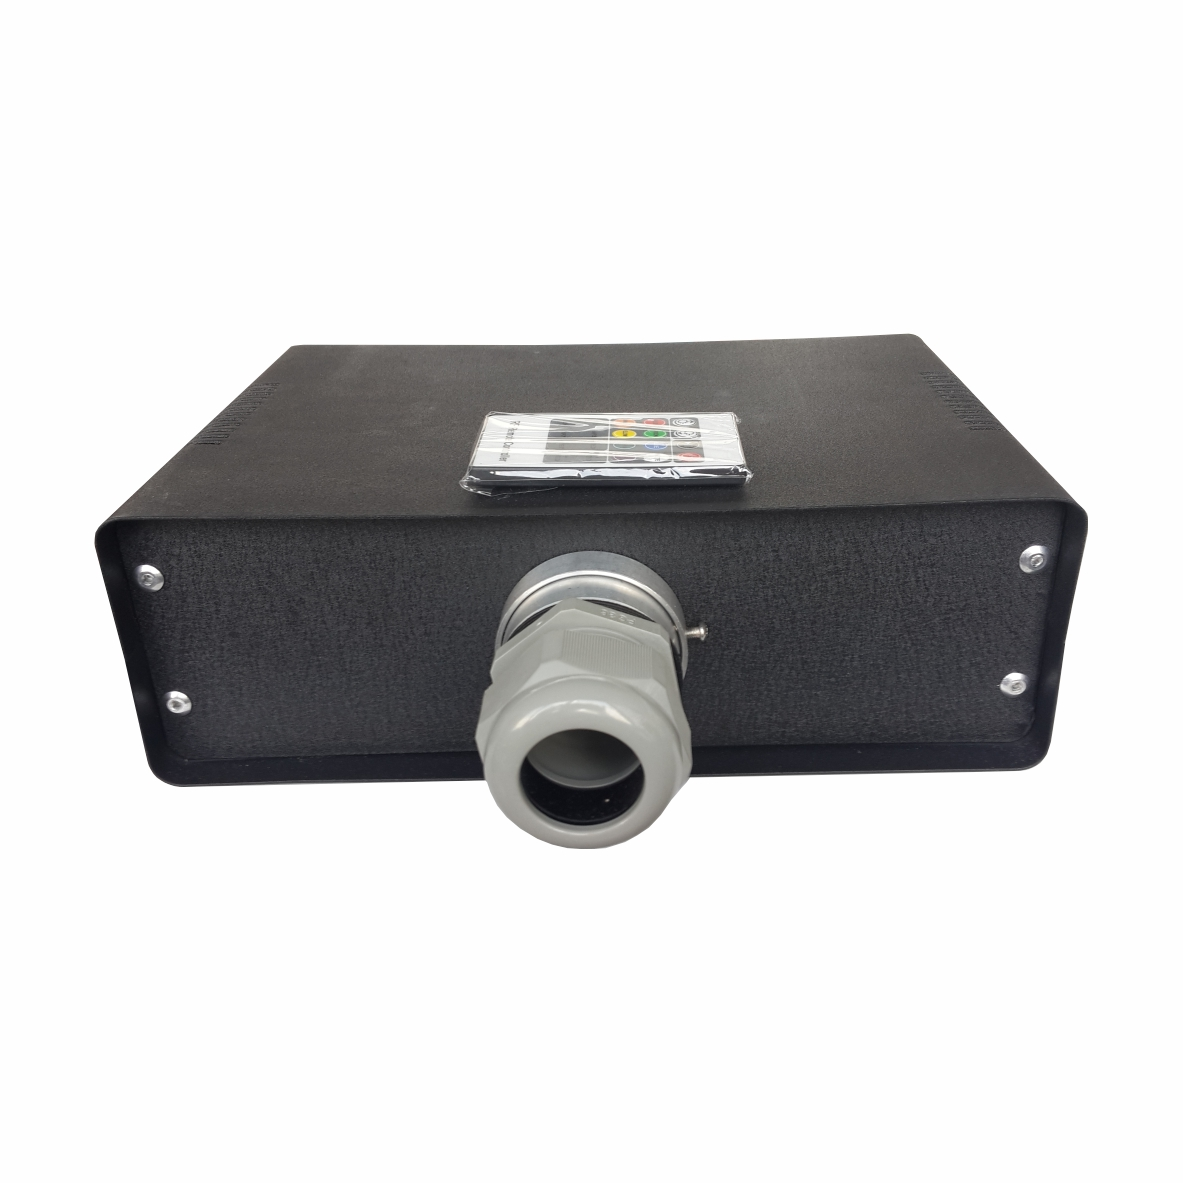 چراغ انجین فیبر نوری فول کالر 30 وات 220 ولت مدل 30FNM